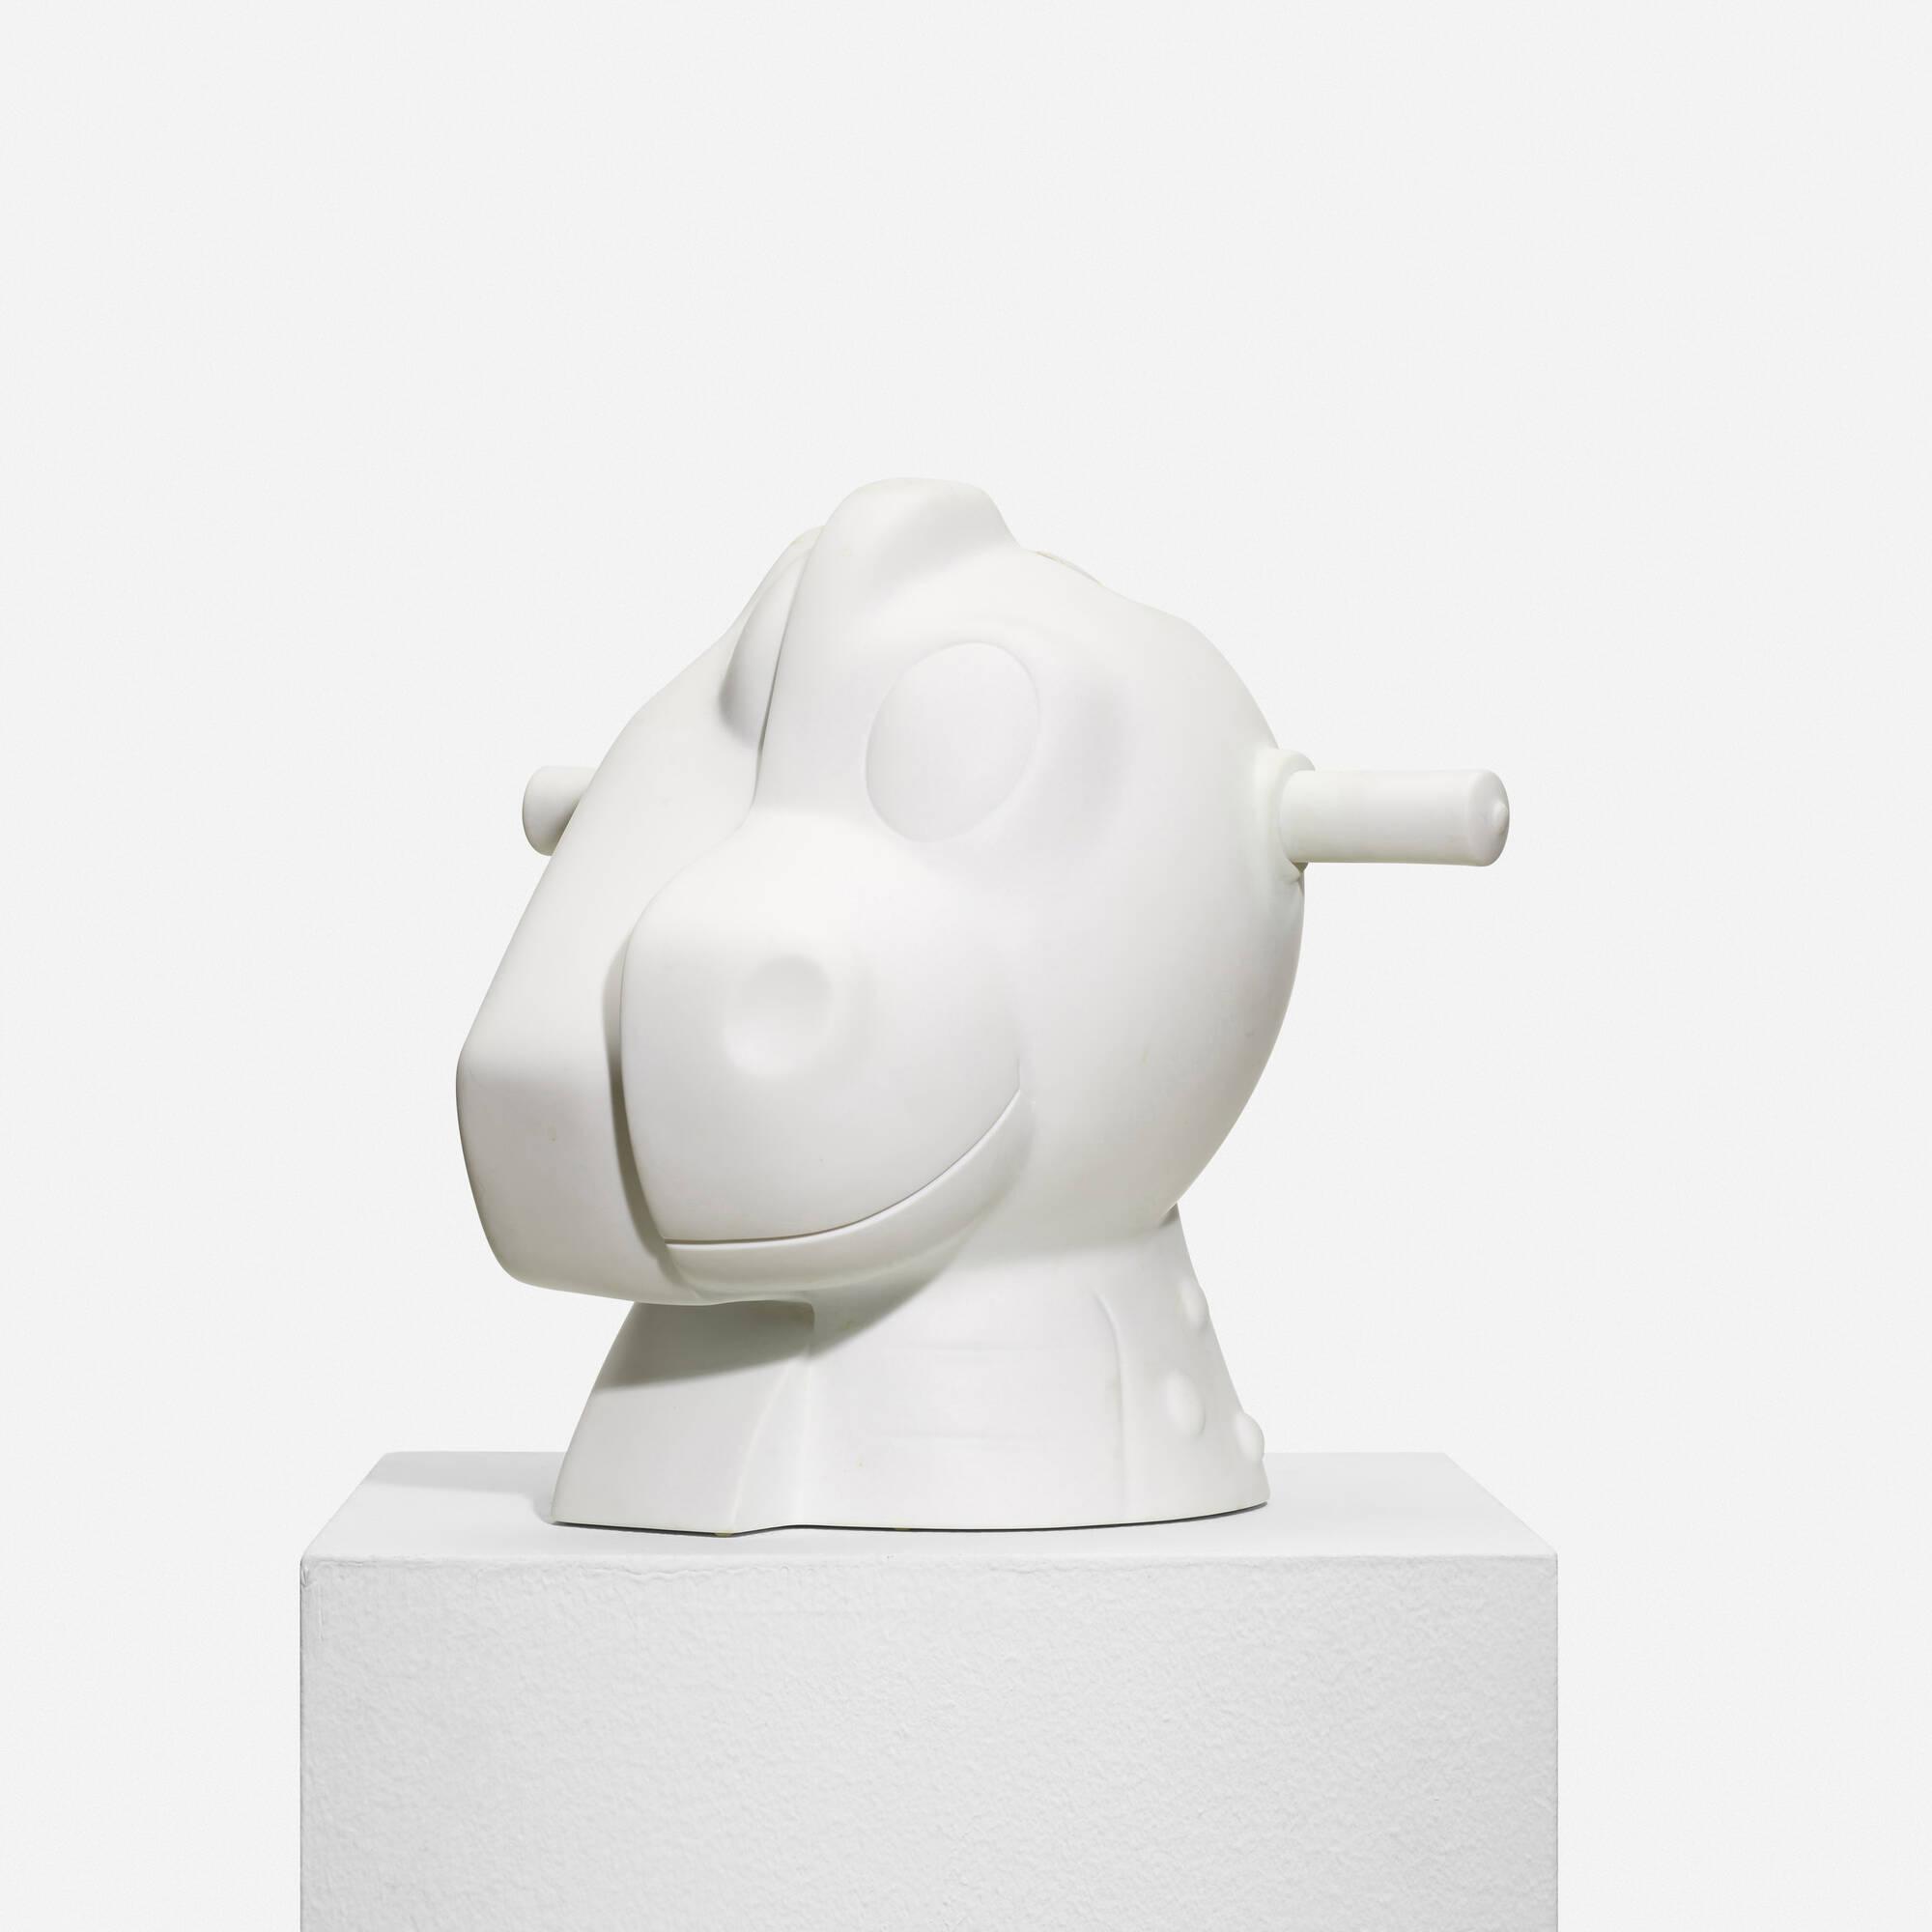 226: Jeff Koons / Split Rocker (vase) (3 of 3)